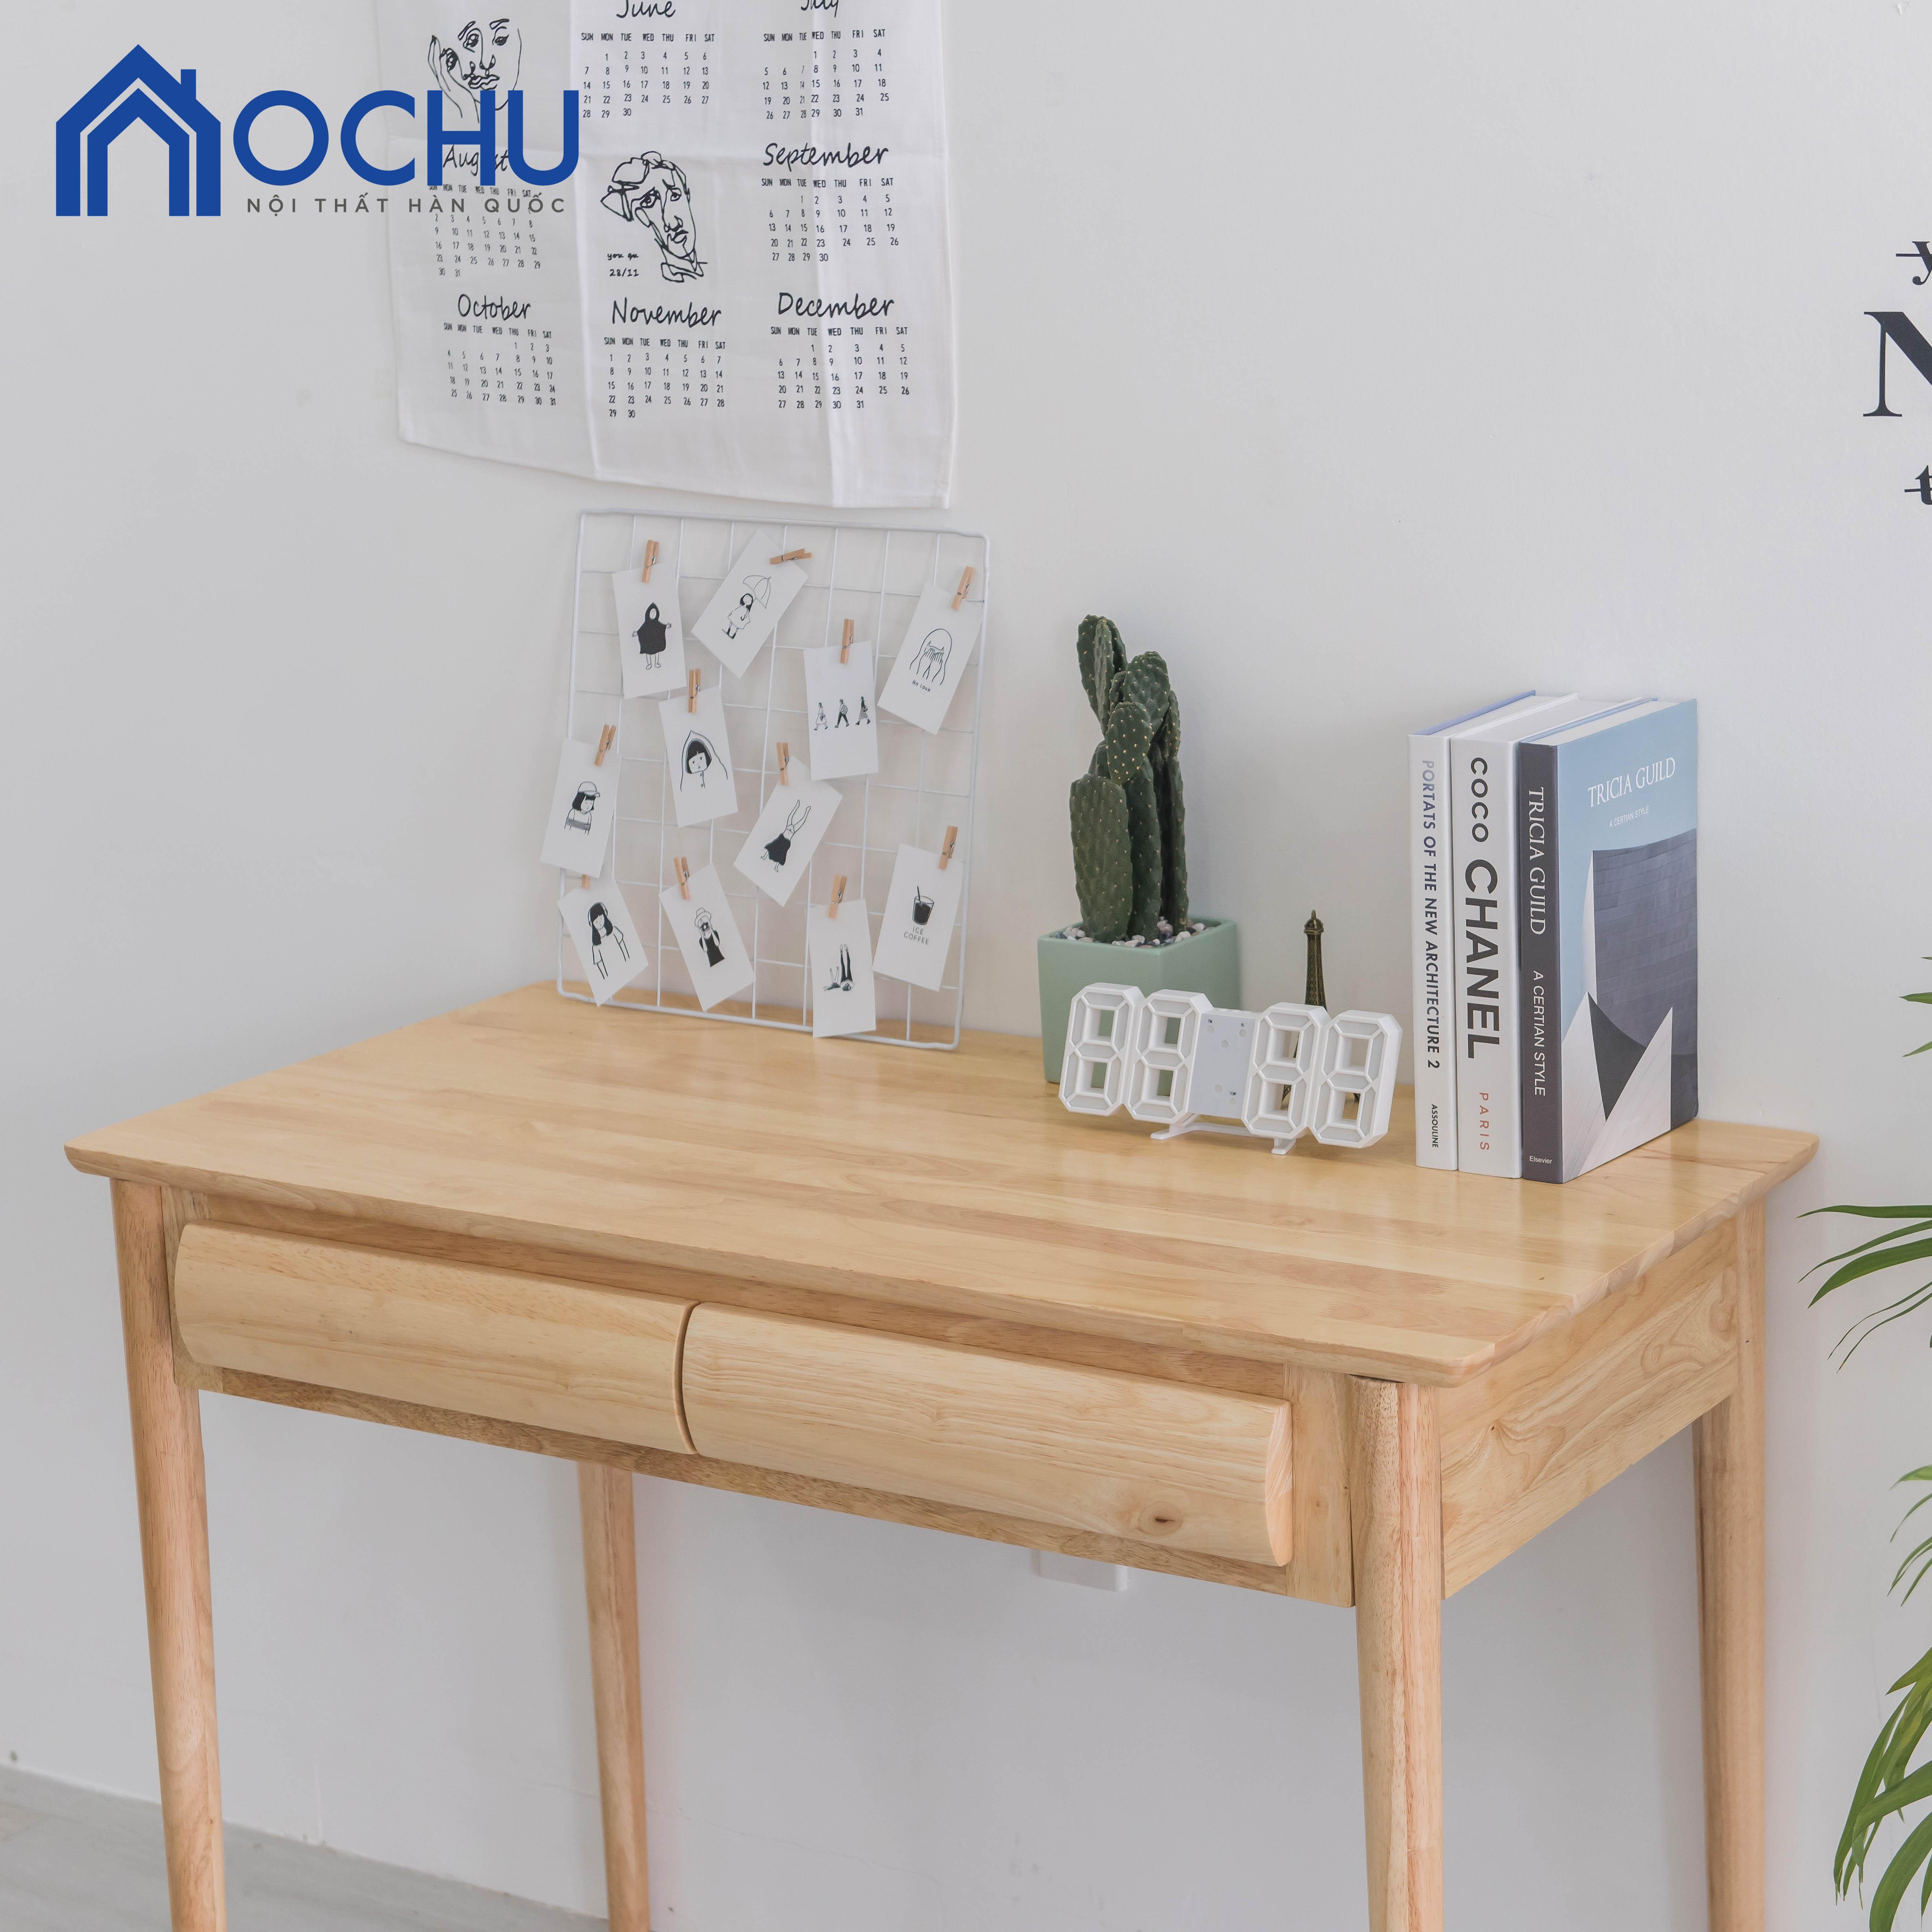 Bàn Làm Việc Gỗ Có Hộc OCHU - B Table - Natural